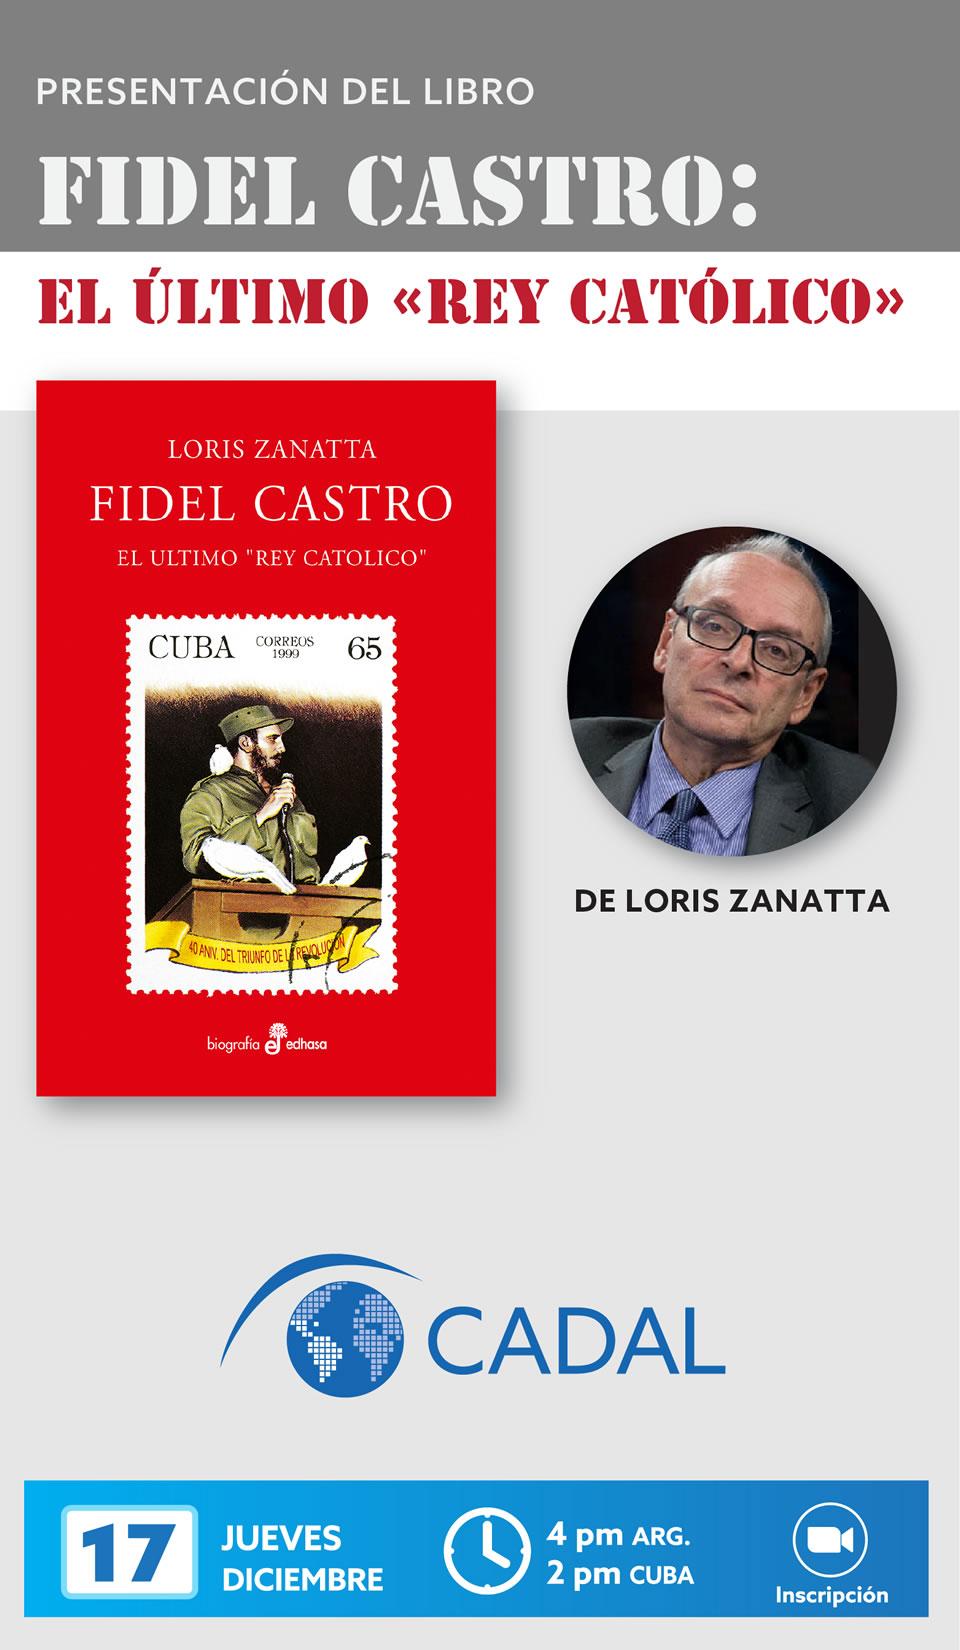 Presentación del libro: Fidel Castro, el último rey católico, por Loris Zanatta